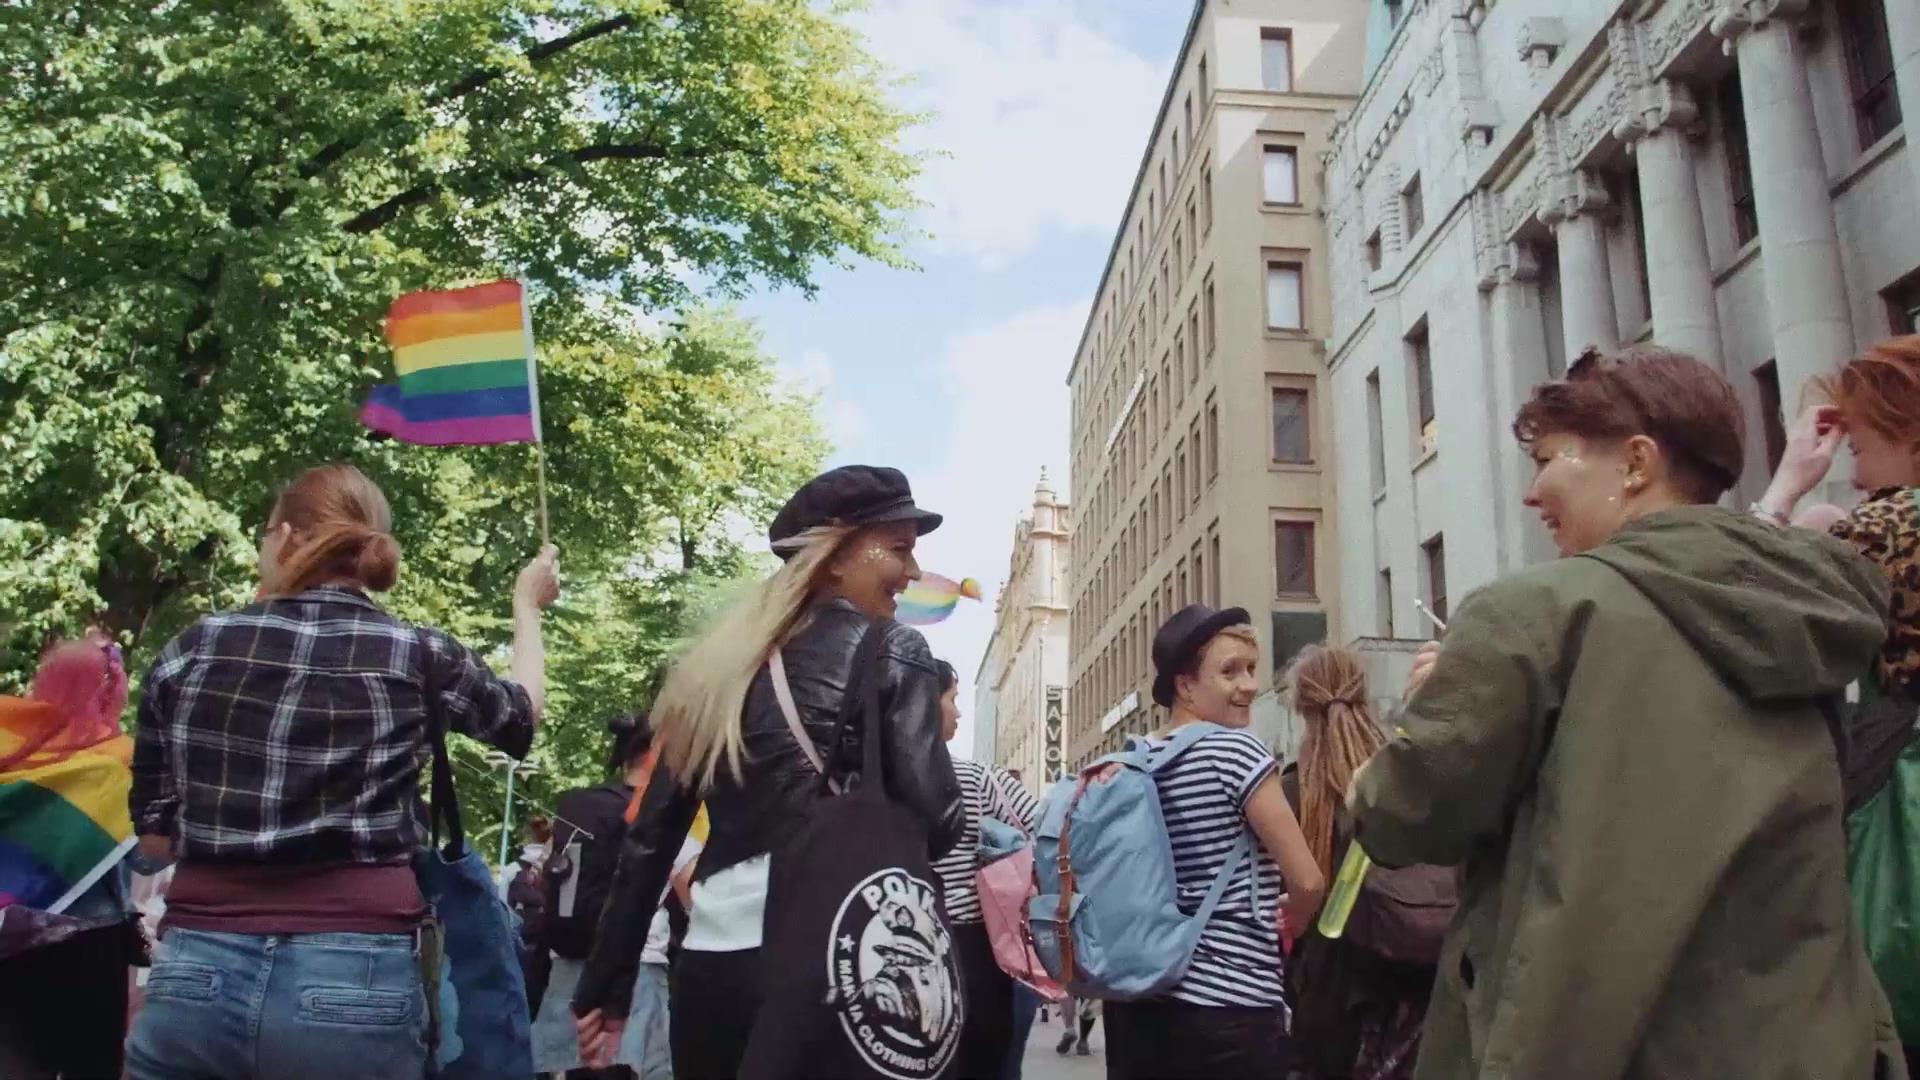 Pride 2021 - Yhdenvertainen maailma ei ole valmis TXT